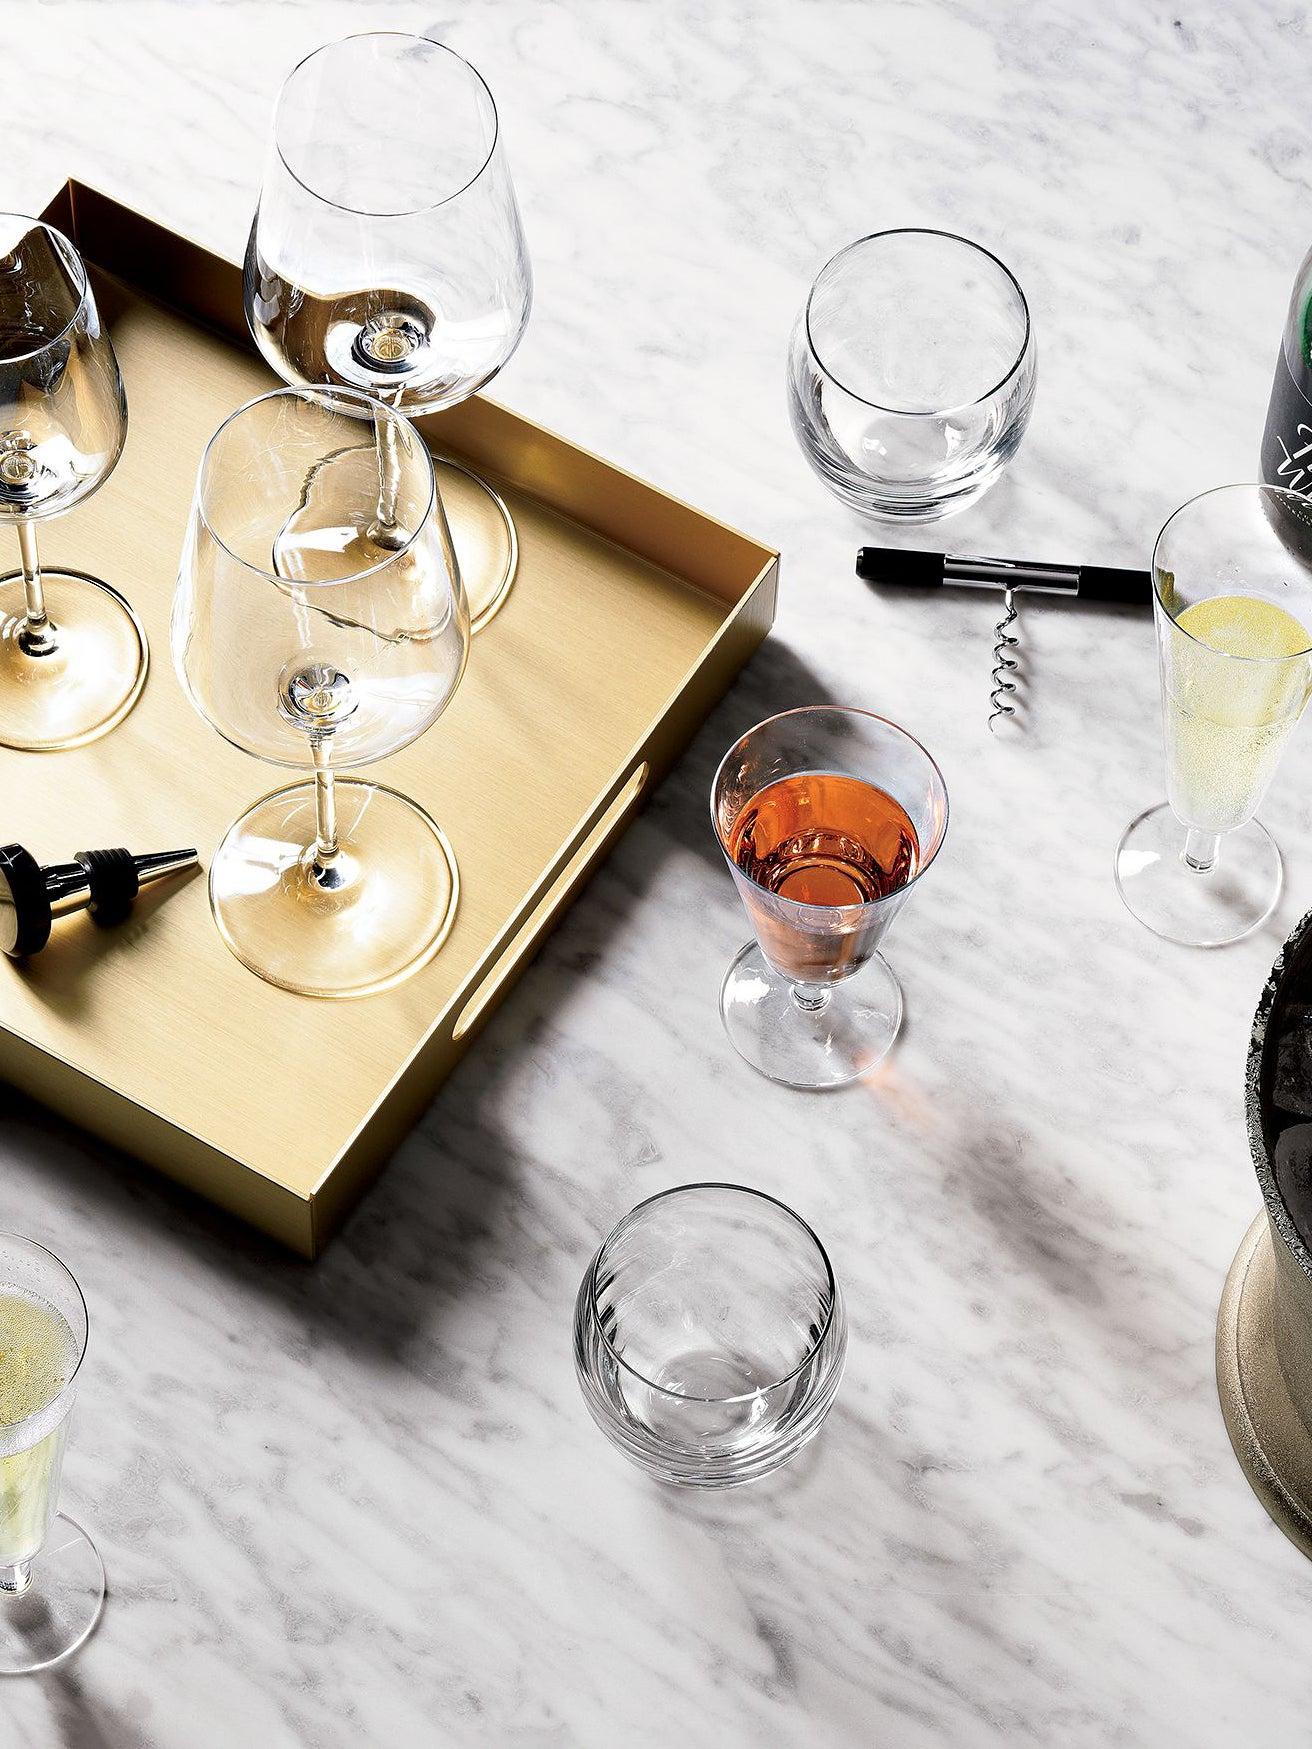 cb2-wine-glasses-domino